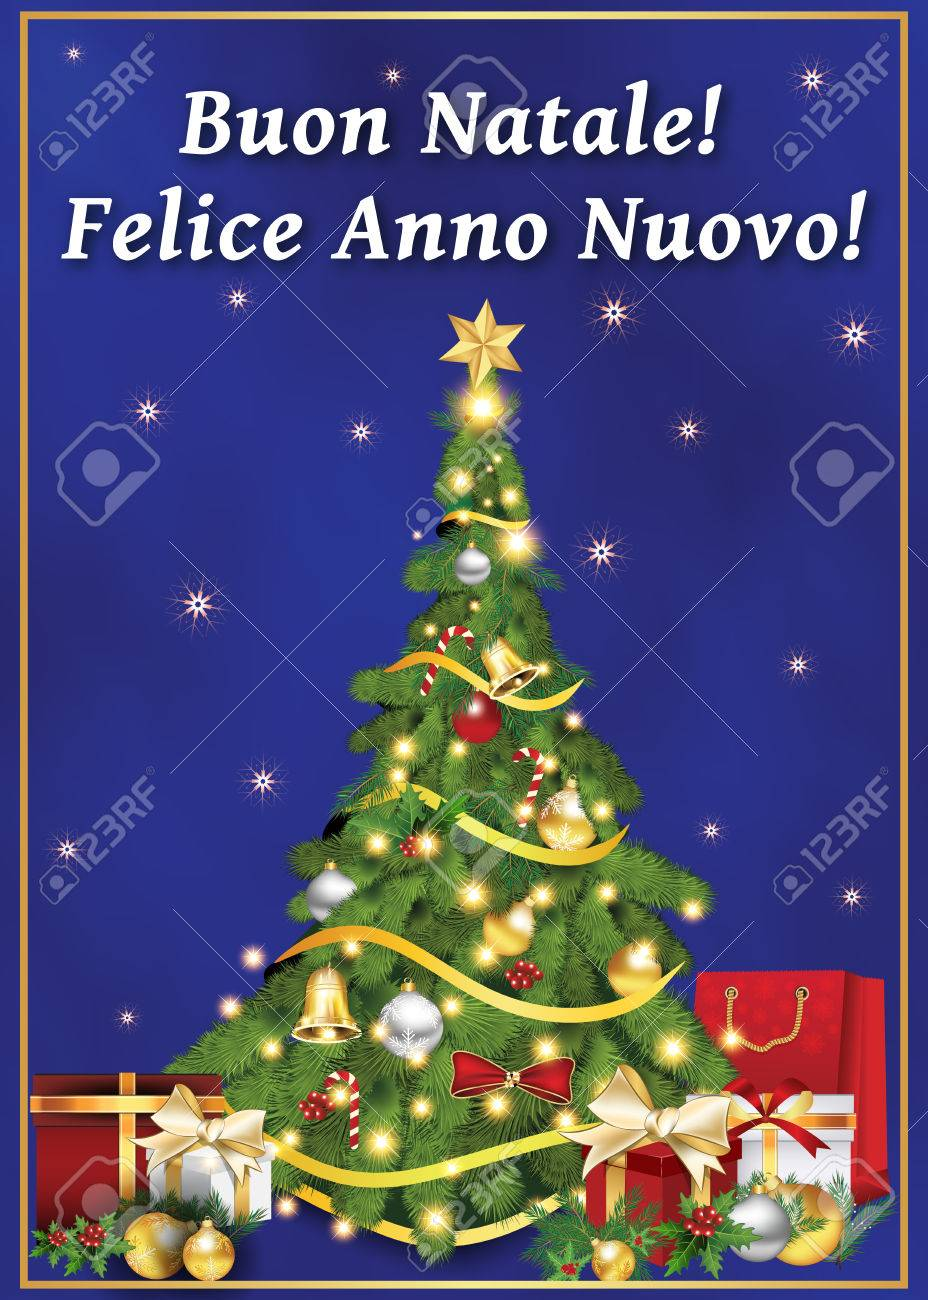 Buon Natale E Felice Anno Nuovo! - Neujahrswünsche In Der ...